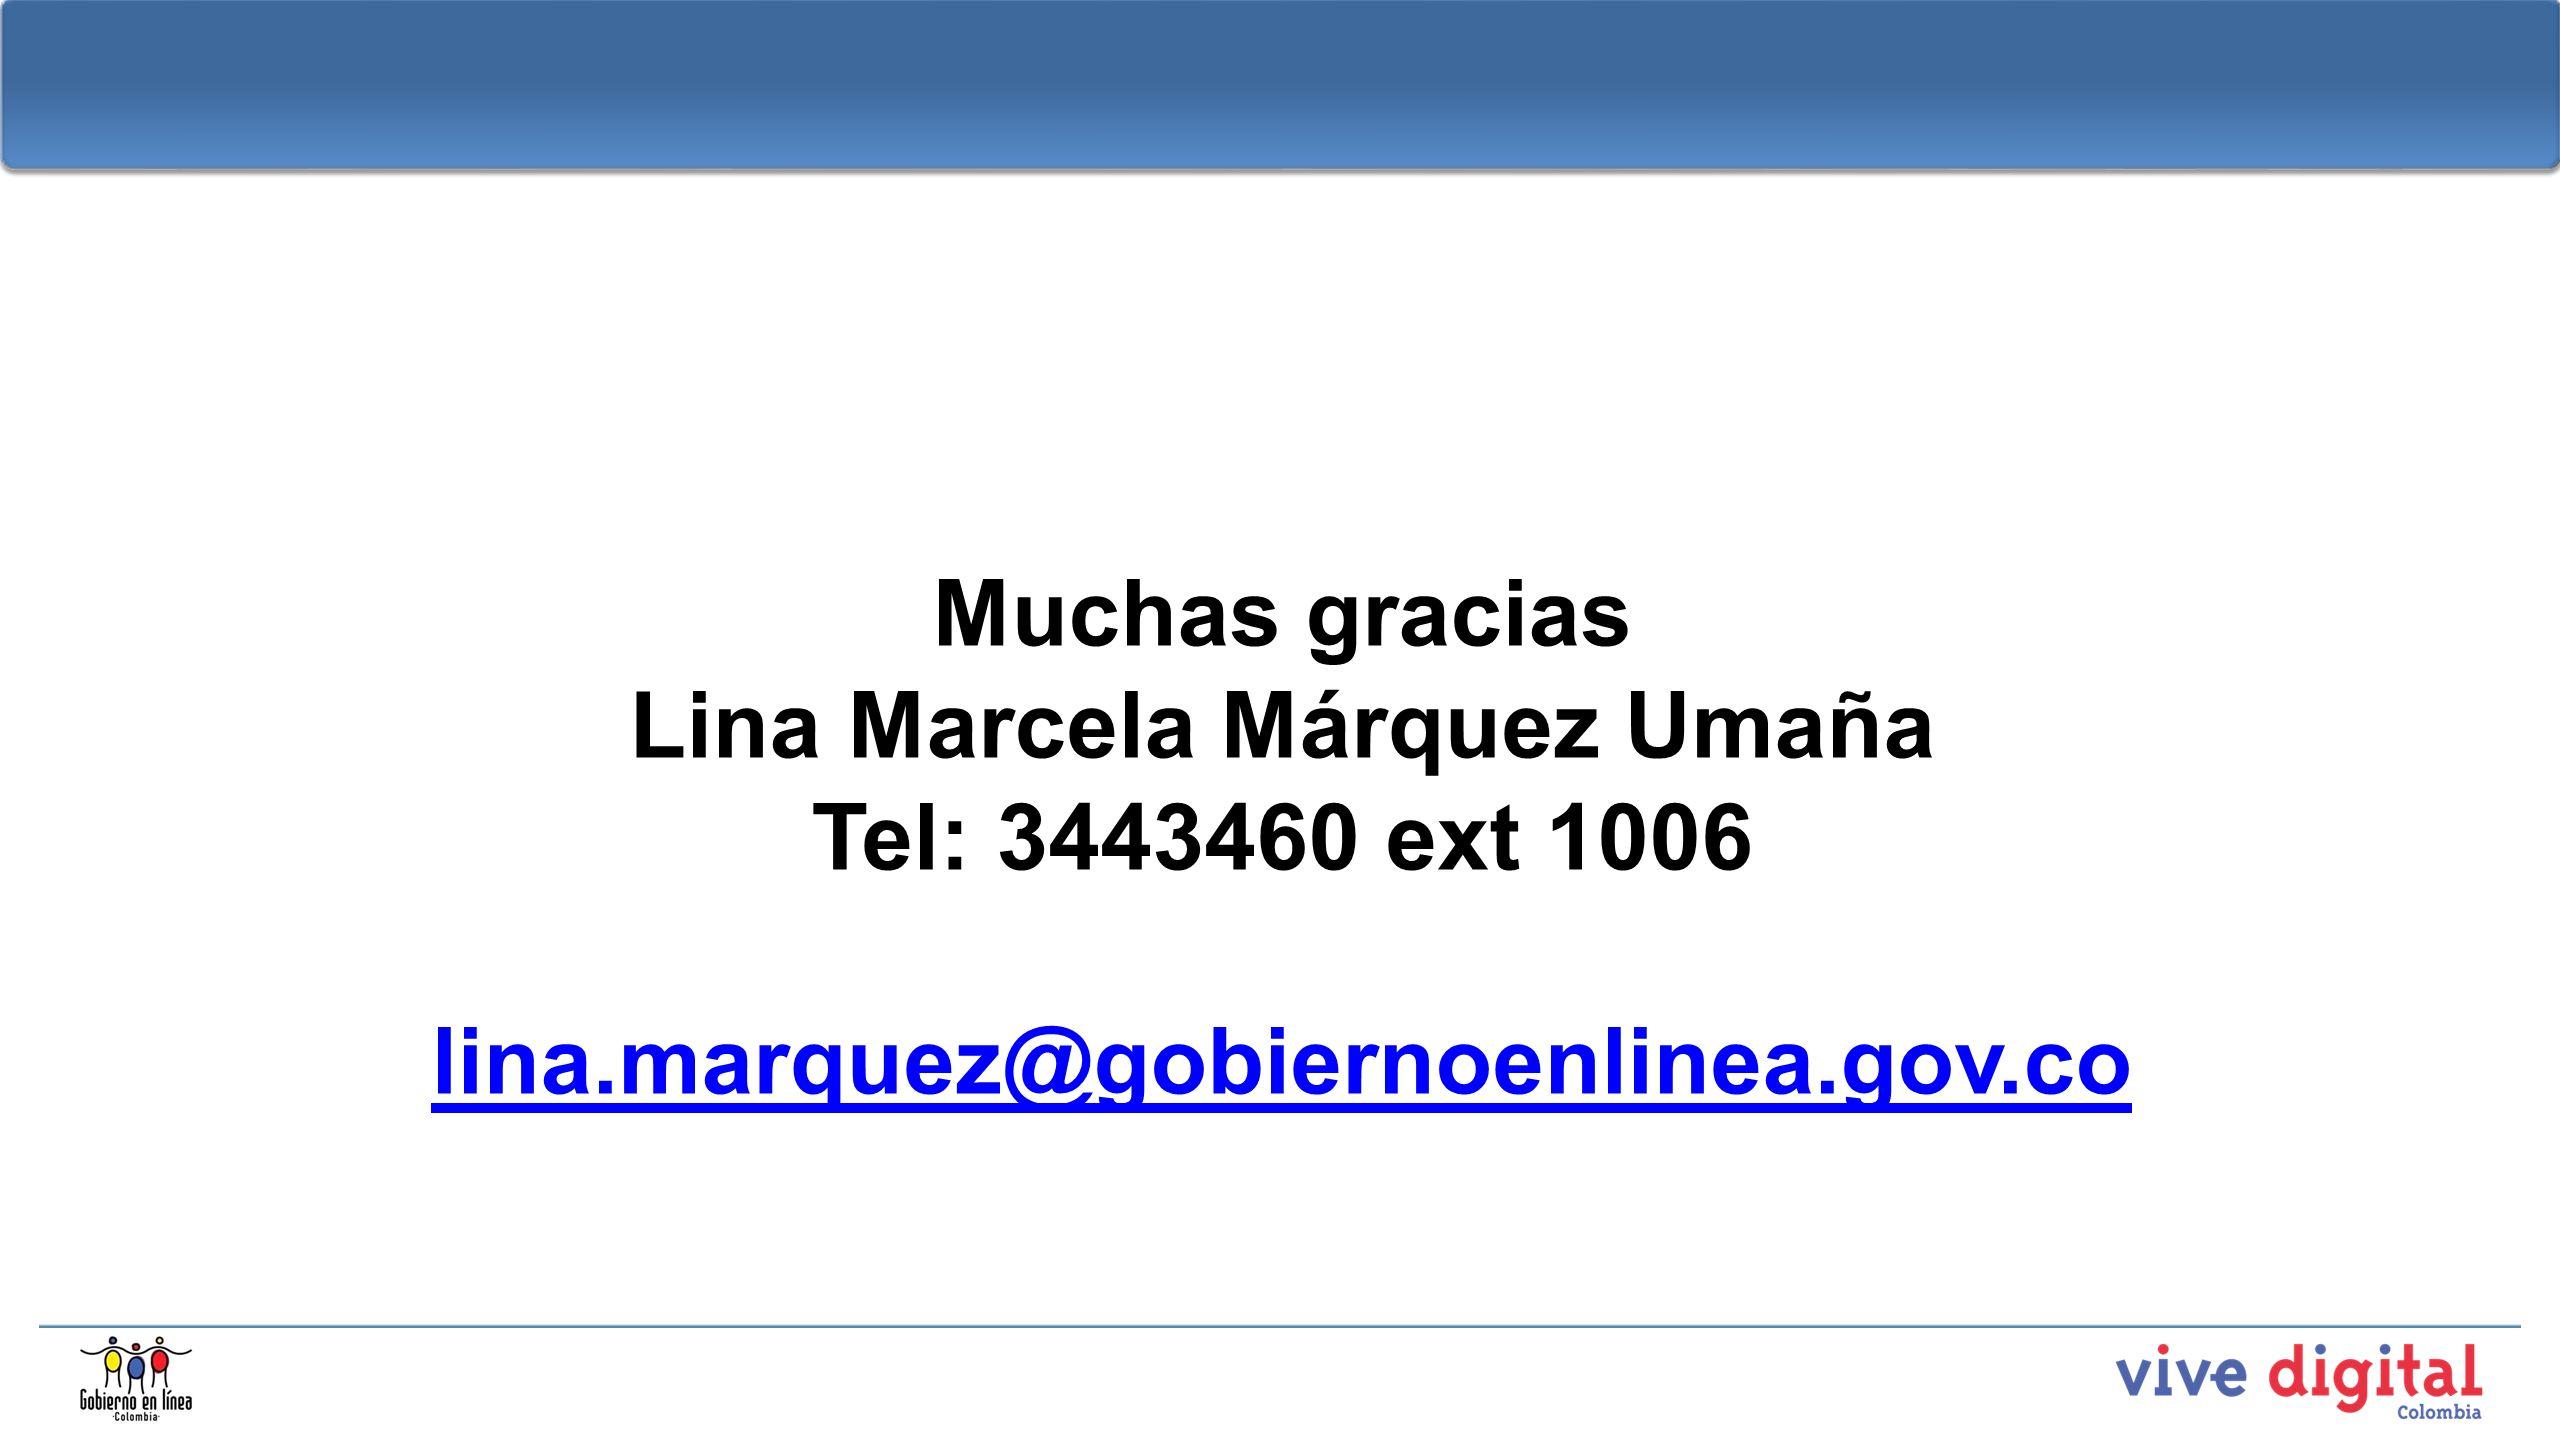 Muchas gracias Lina Marcela Márquez Umaña Tel: 3443460 ext 1006 lina.marquez@gobiernoenlinea.gov.co